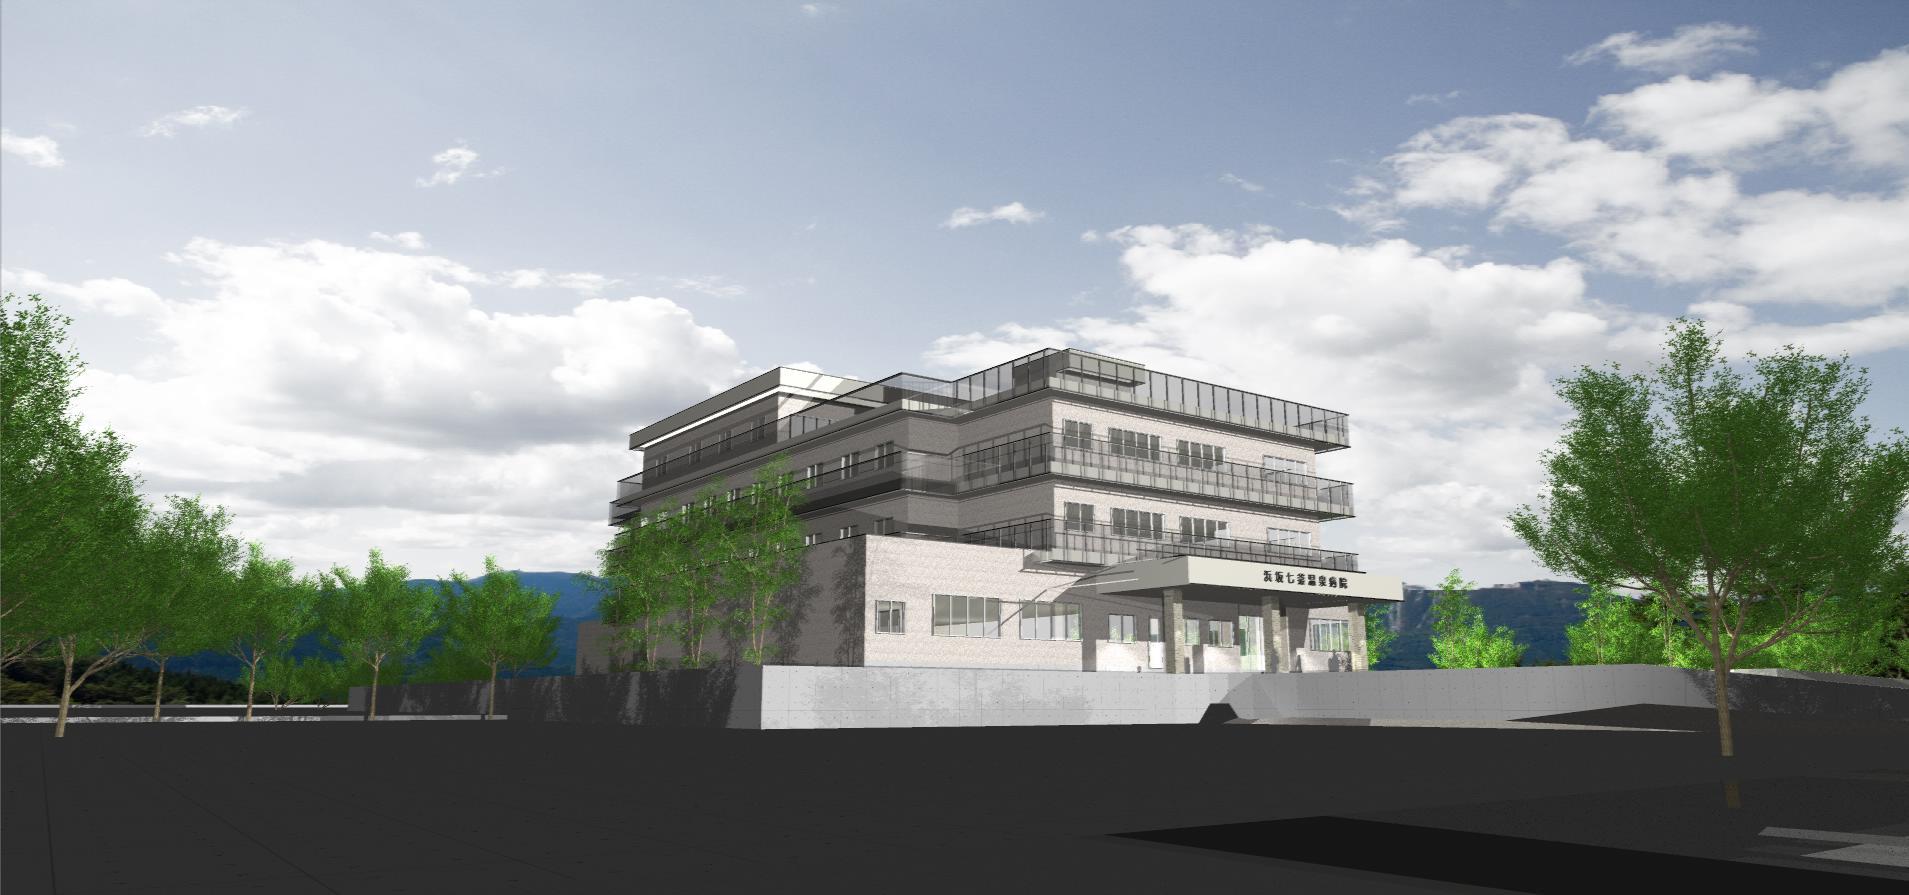 3Dパース | 病院 | 浜坂七釜温泉病院002